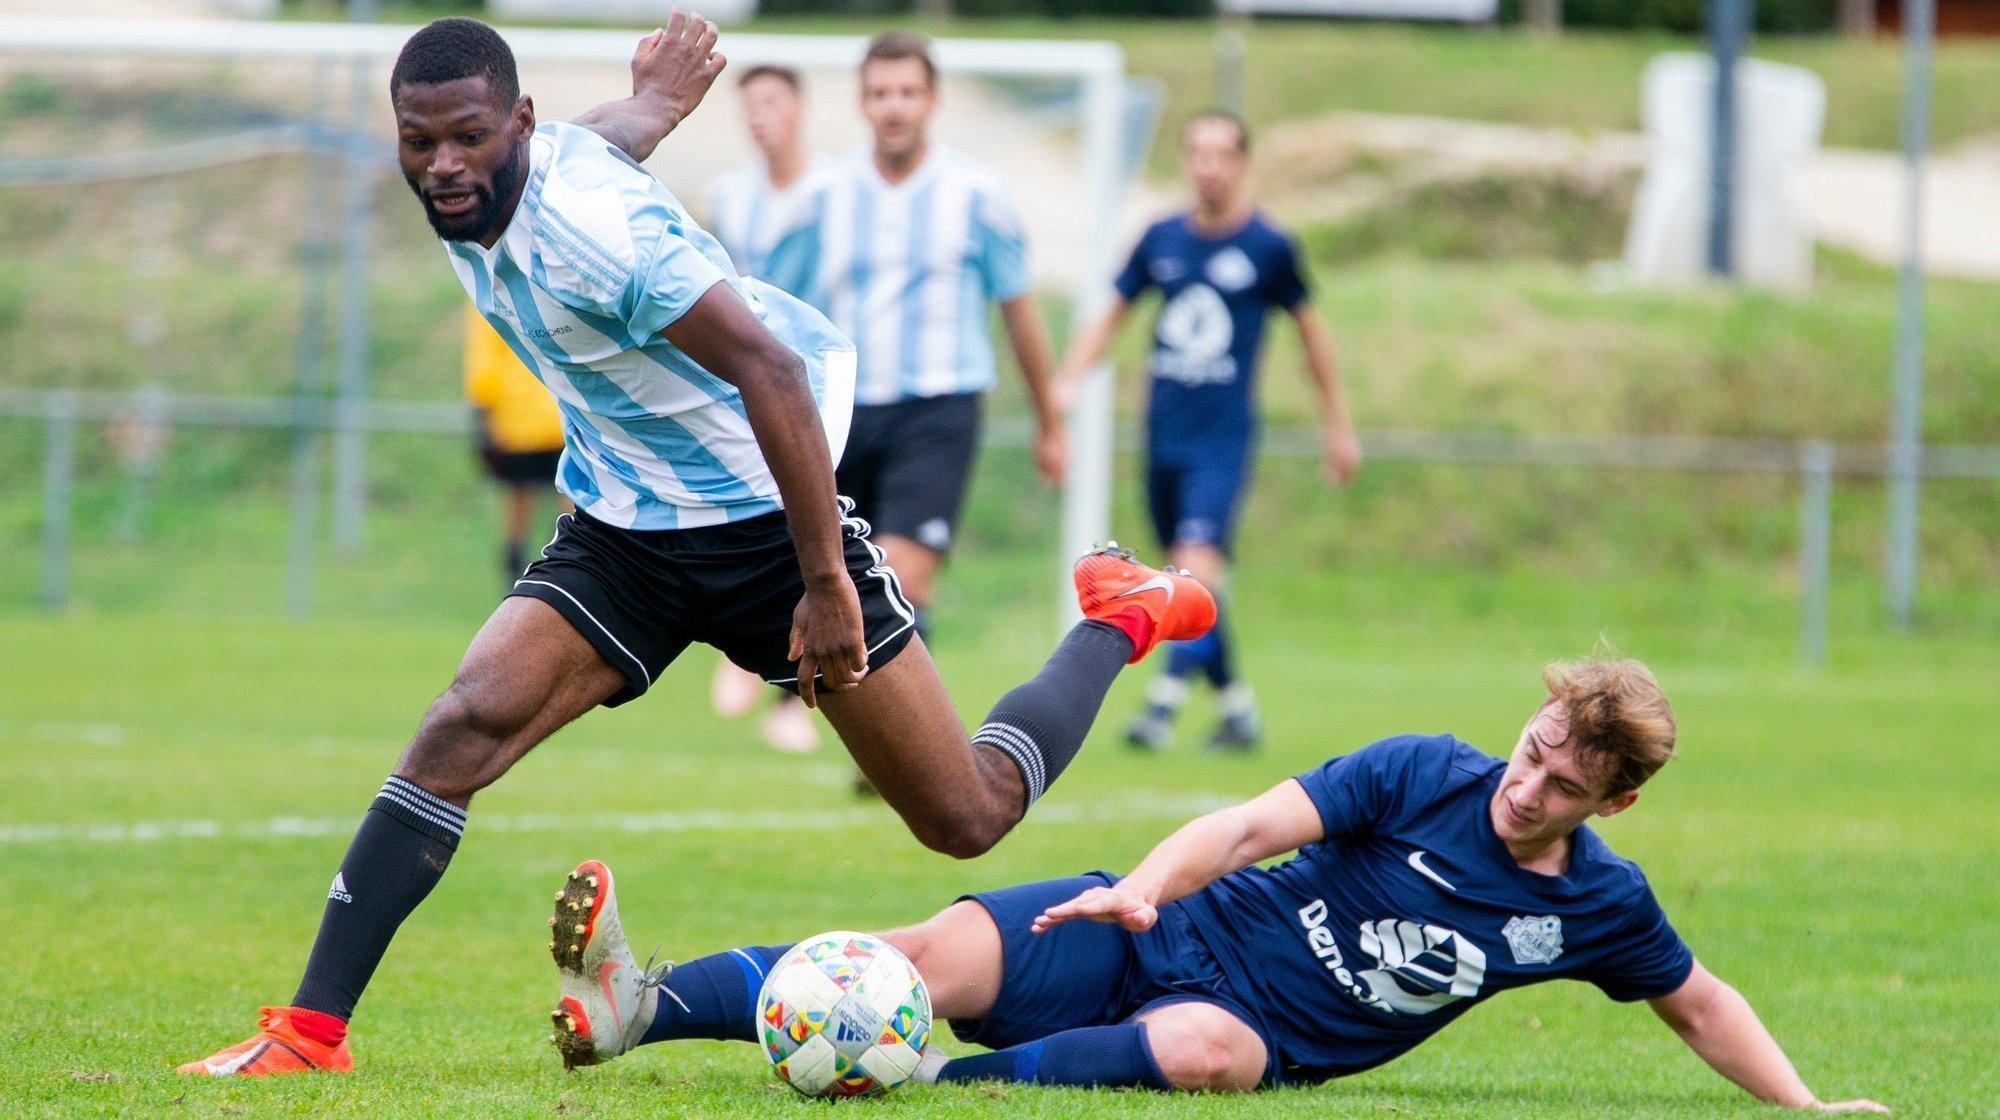 «Fast foot»: Messina, Le Rose et Velasco voient triple